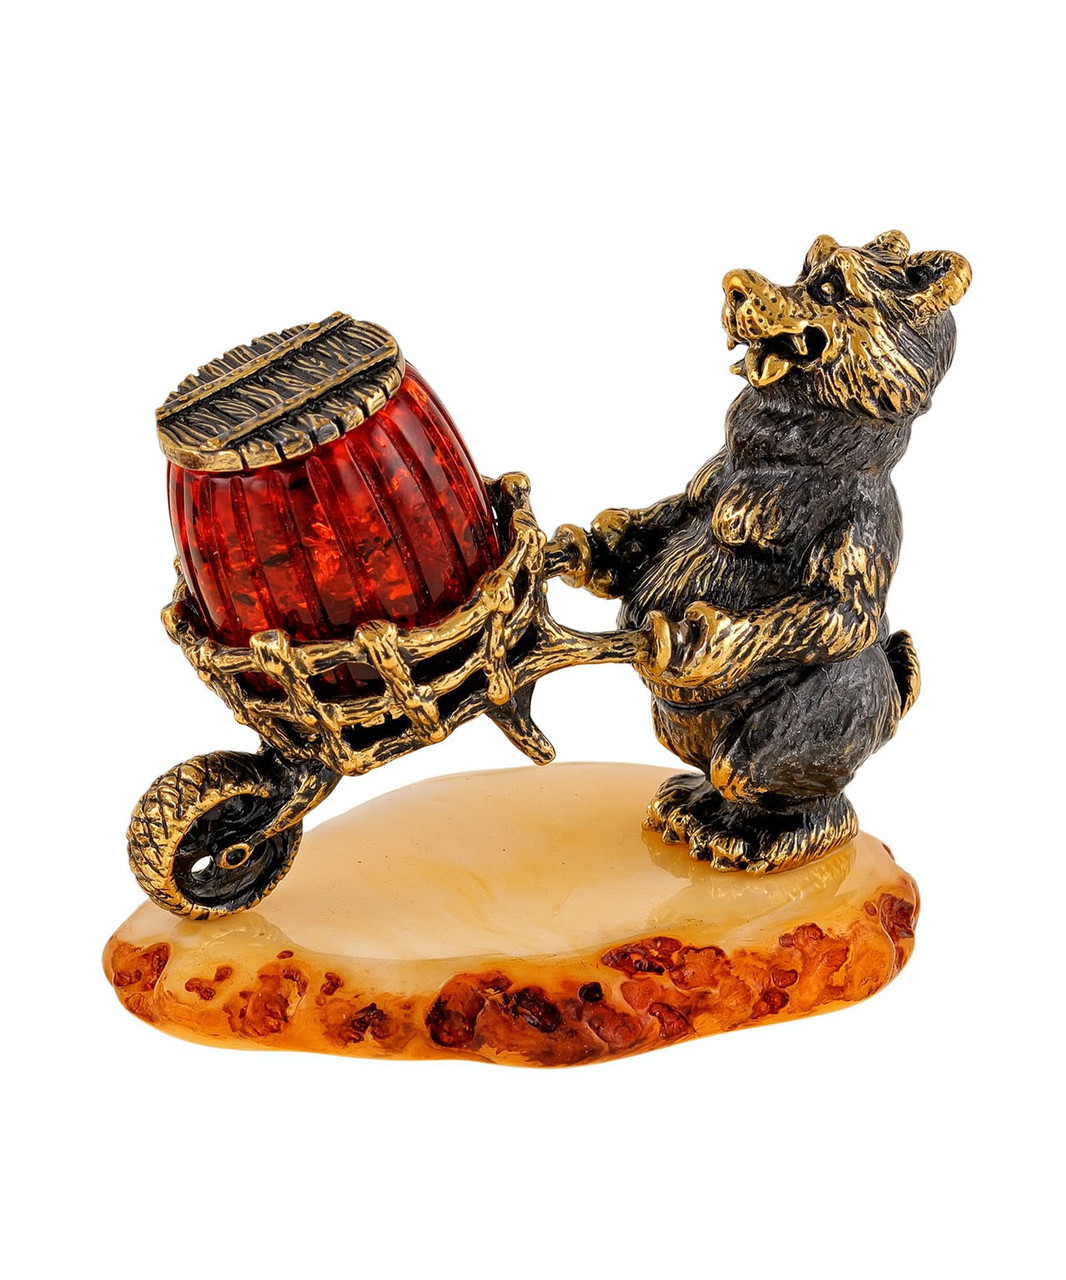 Фигурка Медведь с бочонком меда. Ручная работа